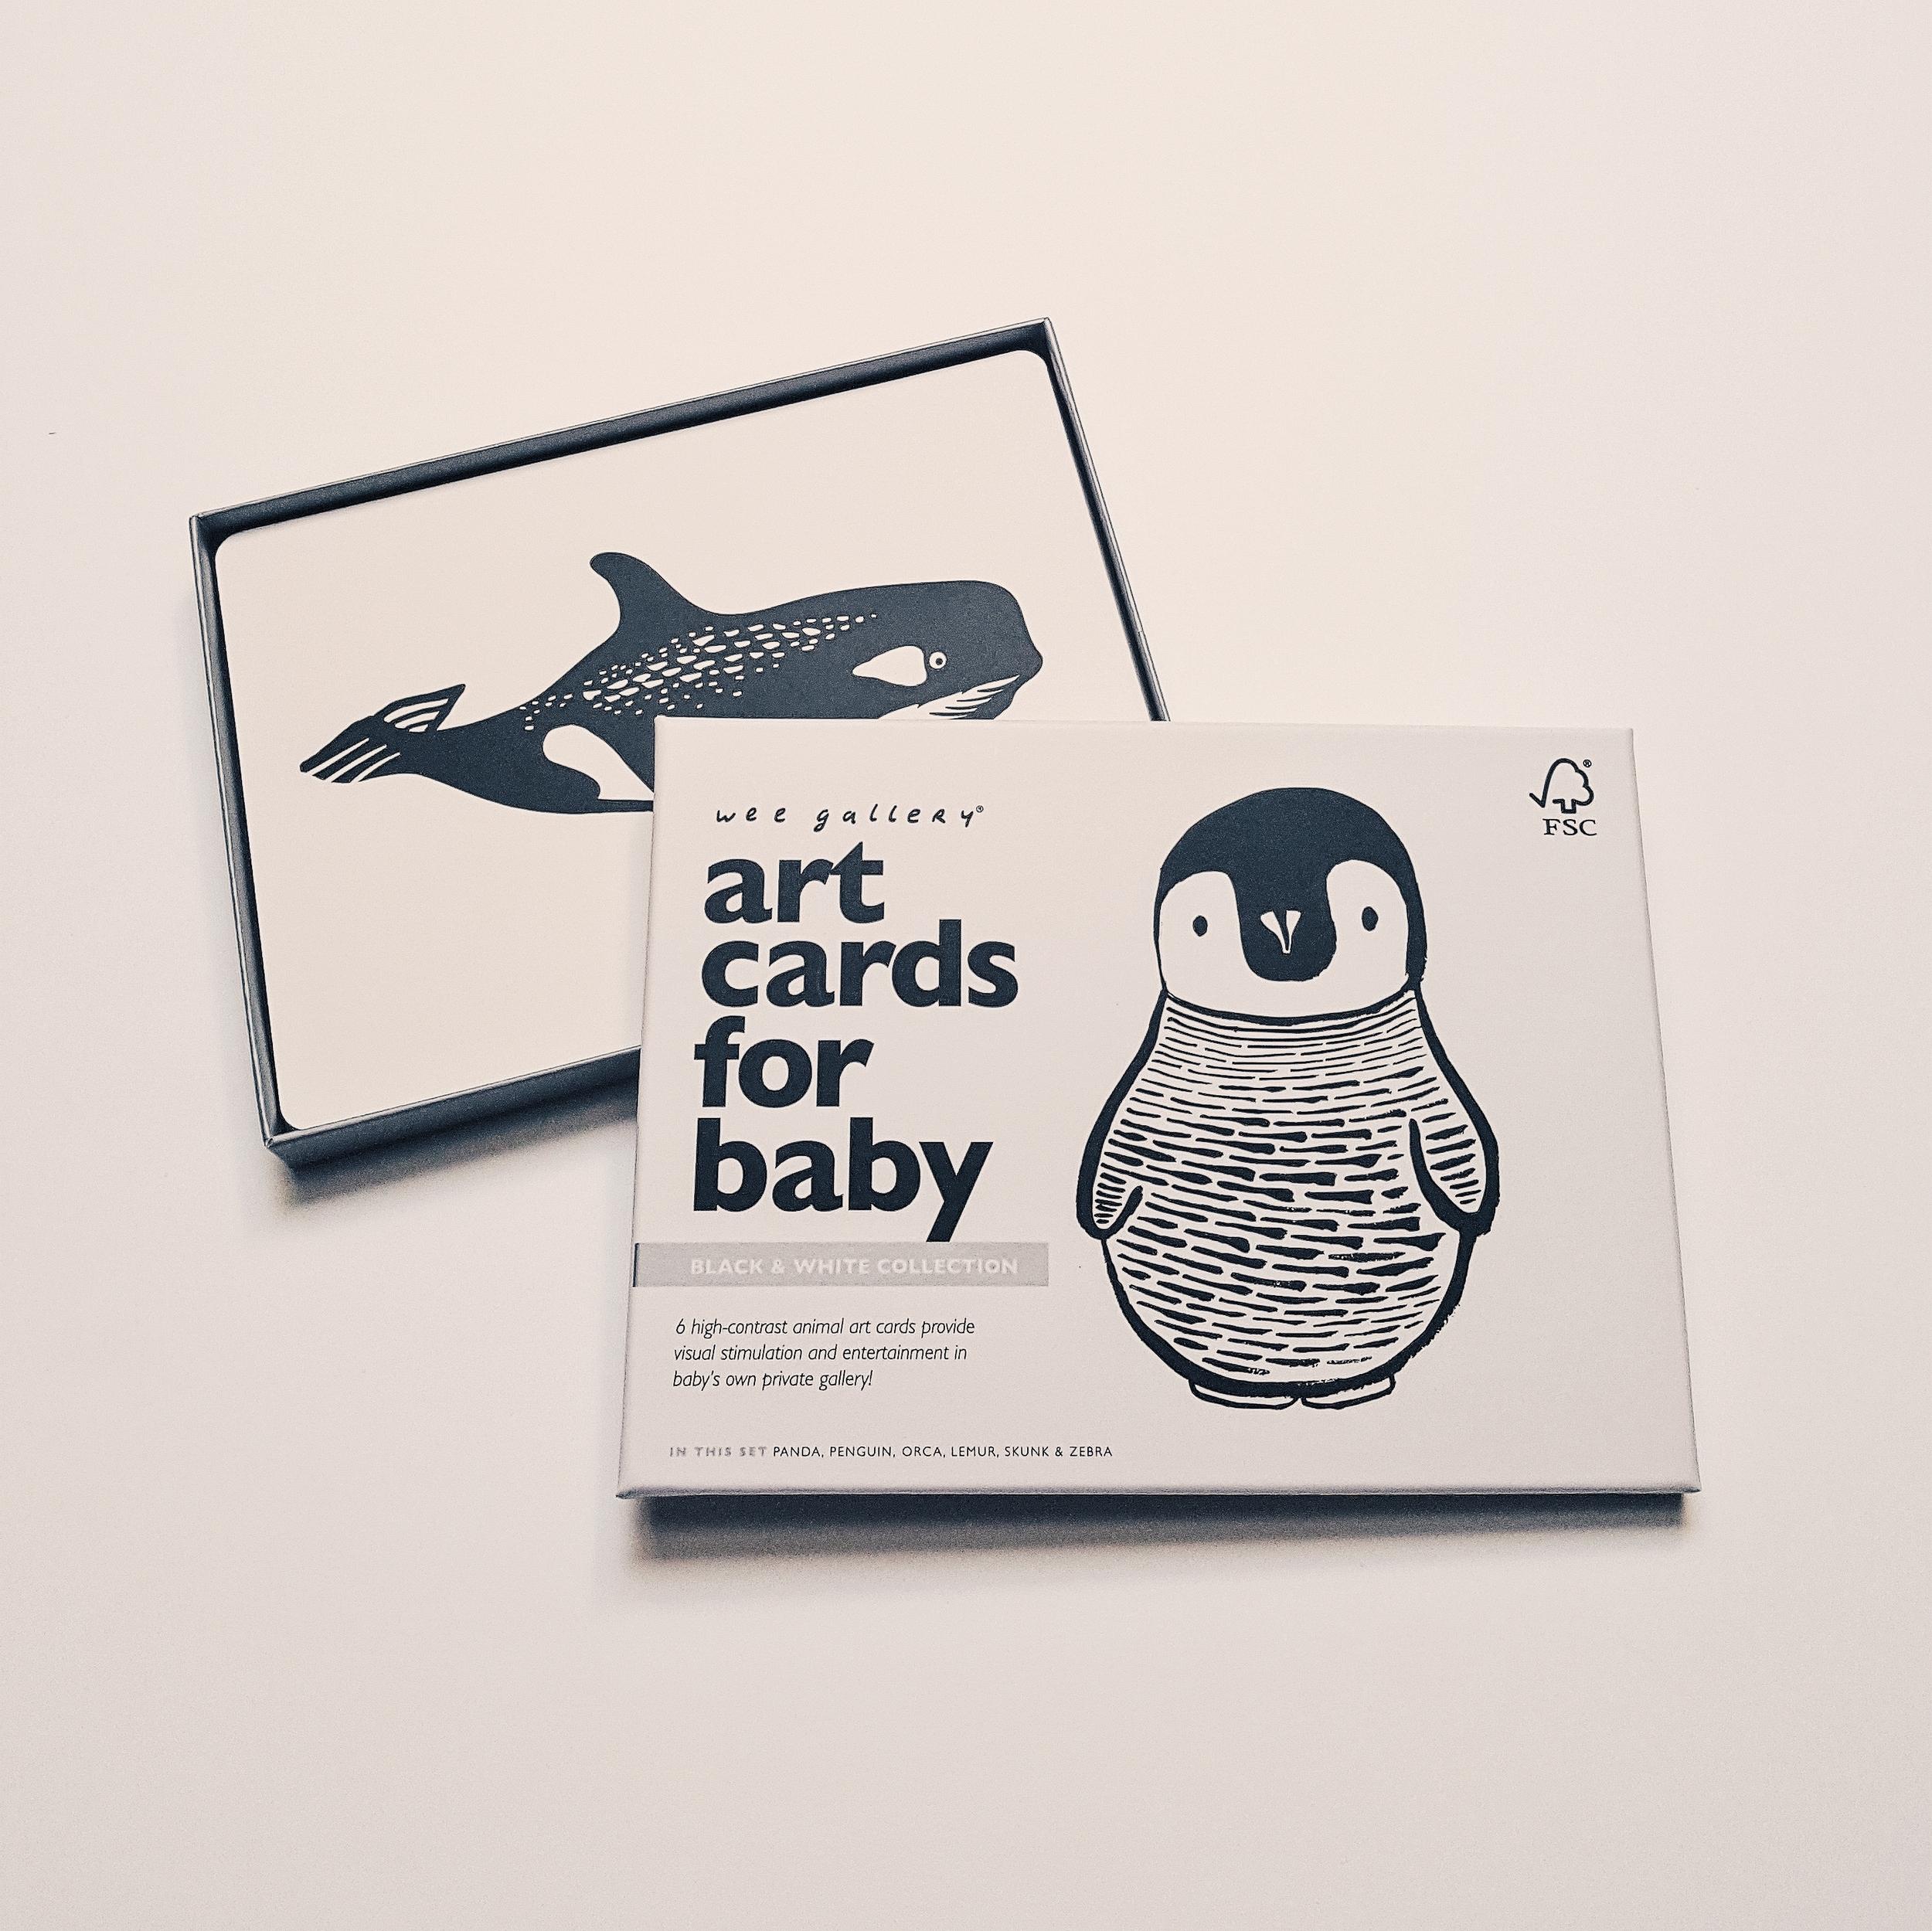 Cartes imagier noir et blanc pour bébé